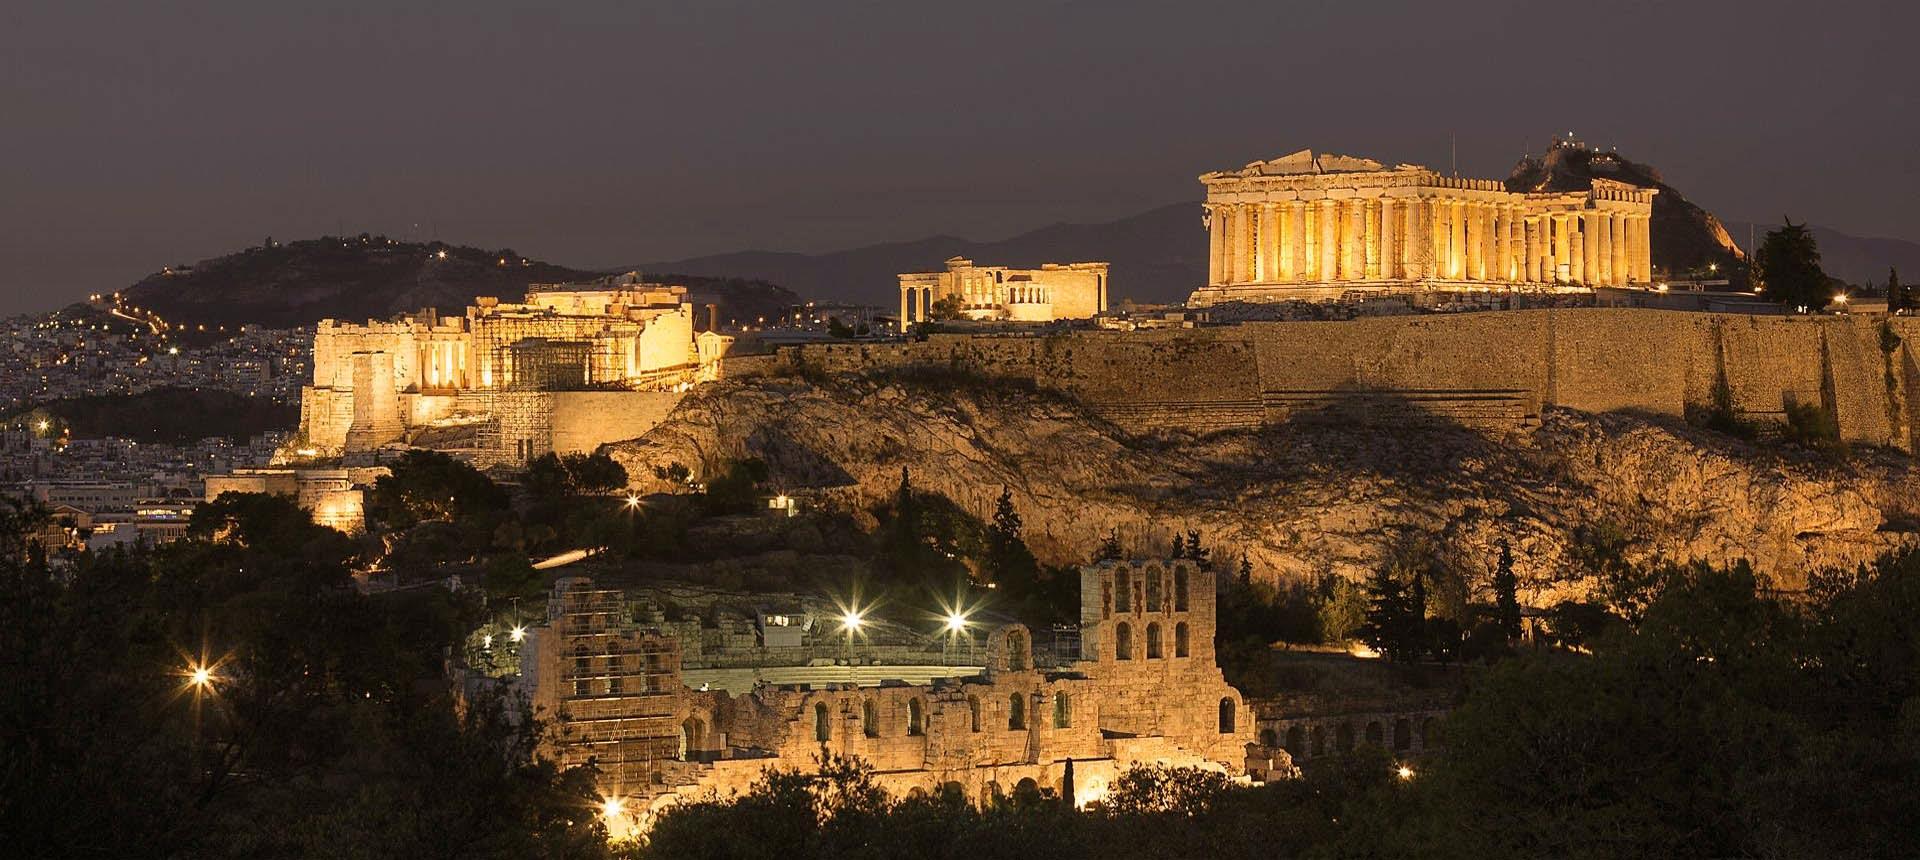 Athens By Night (night life)